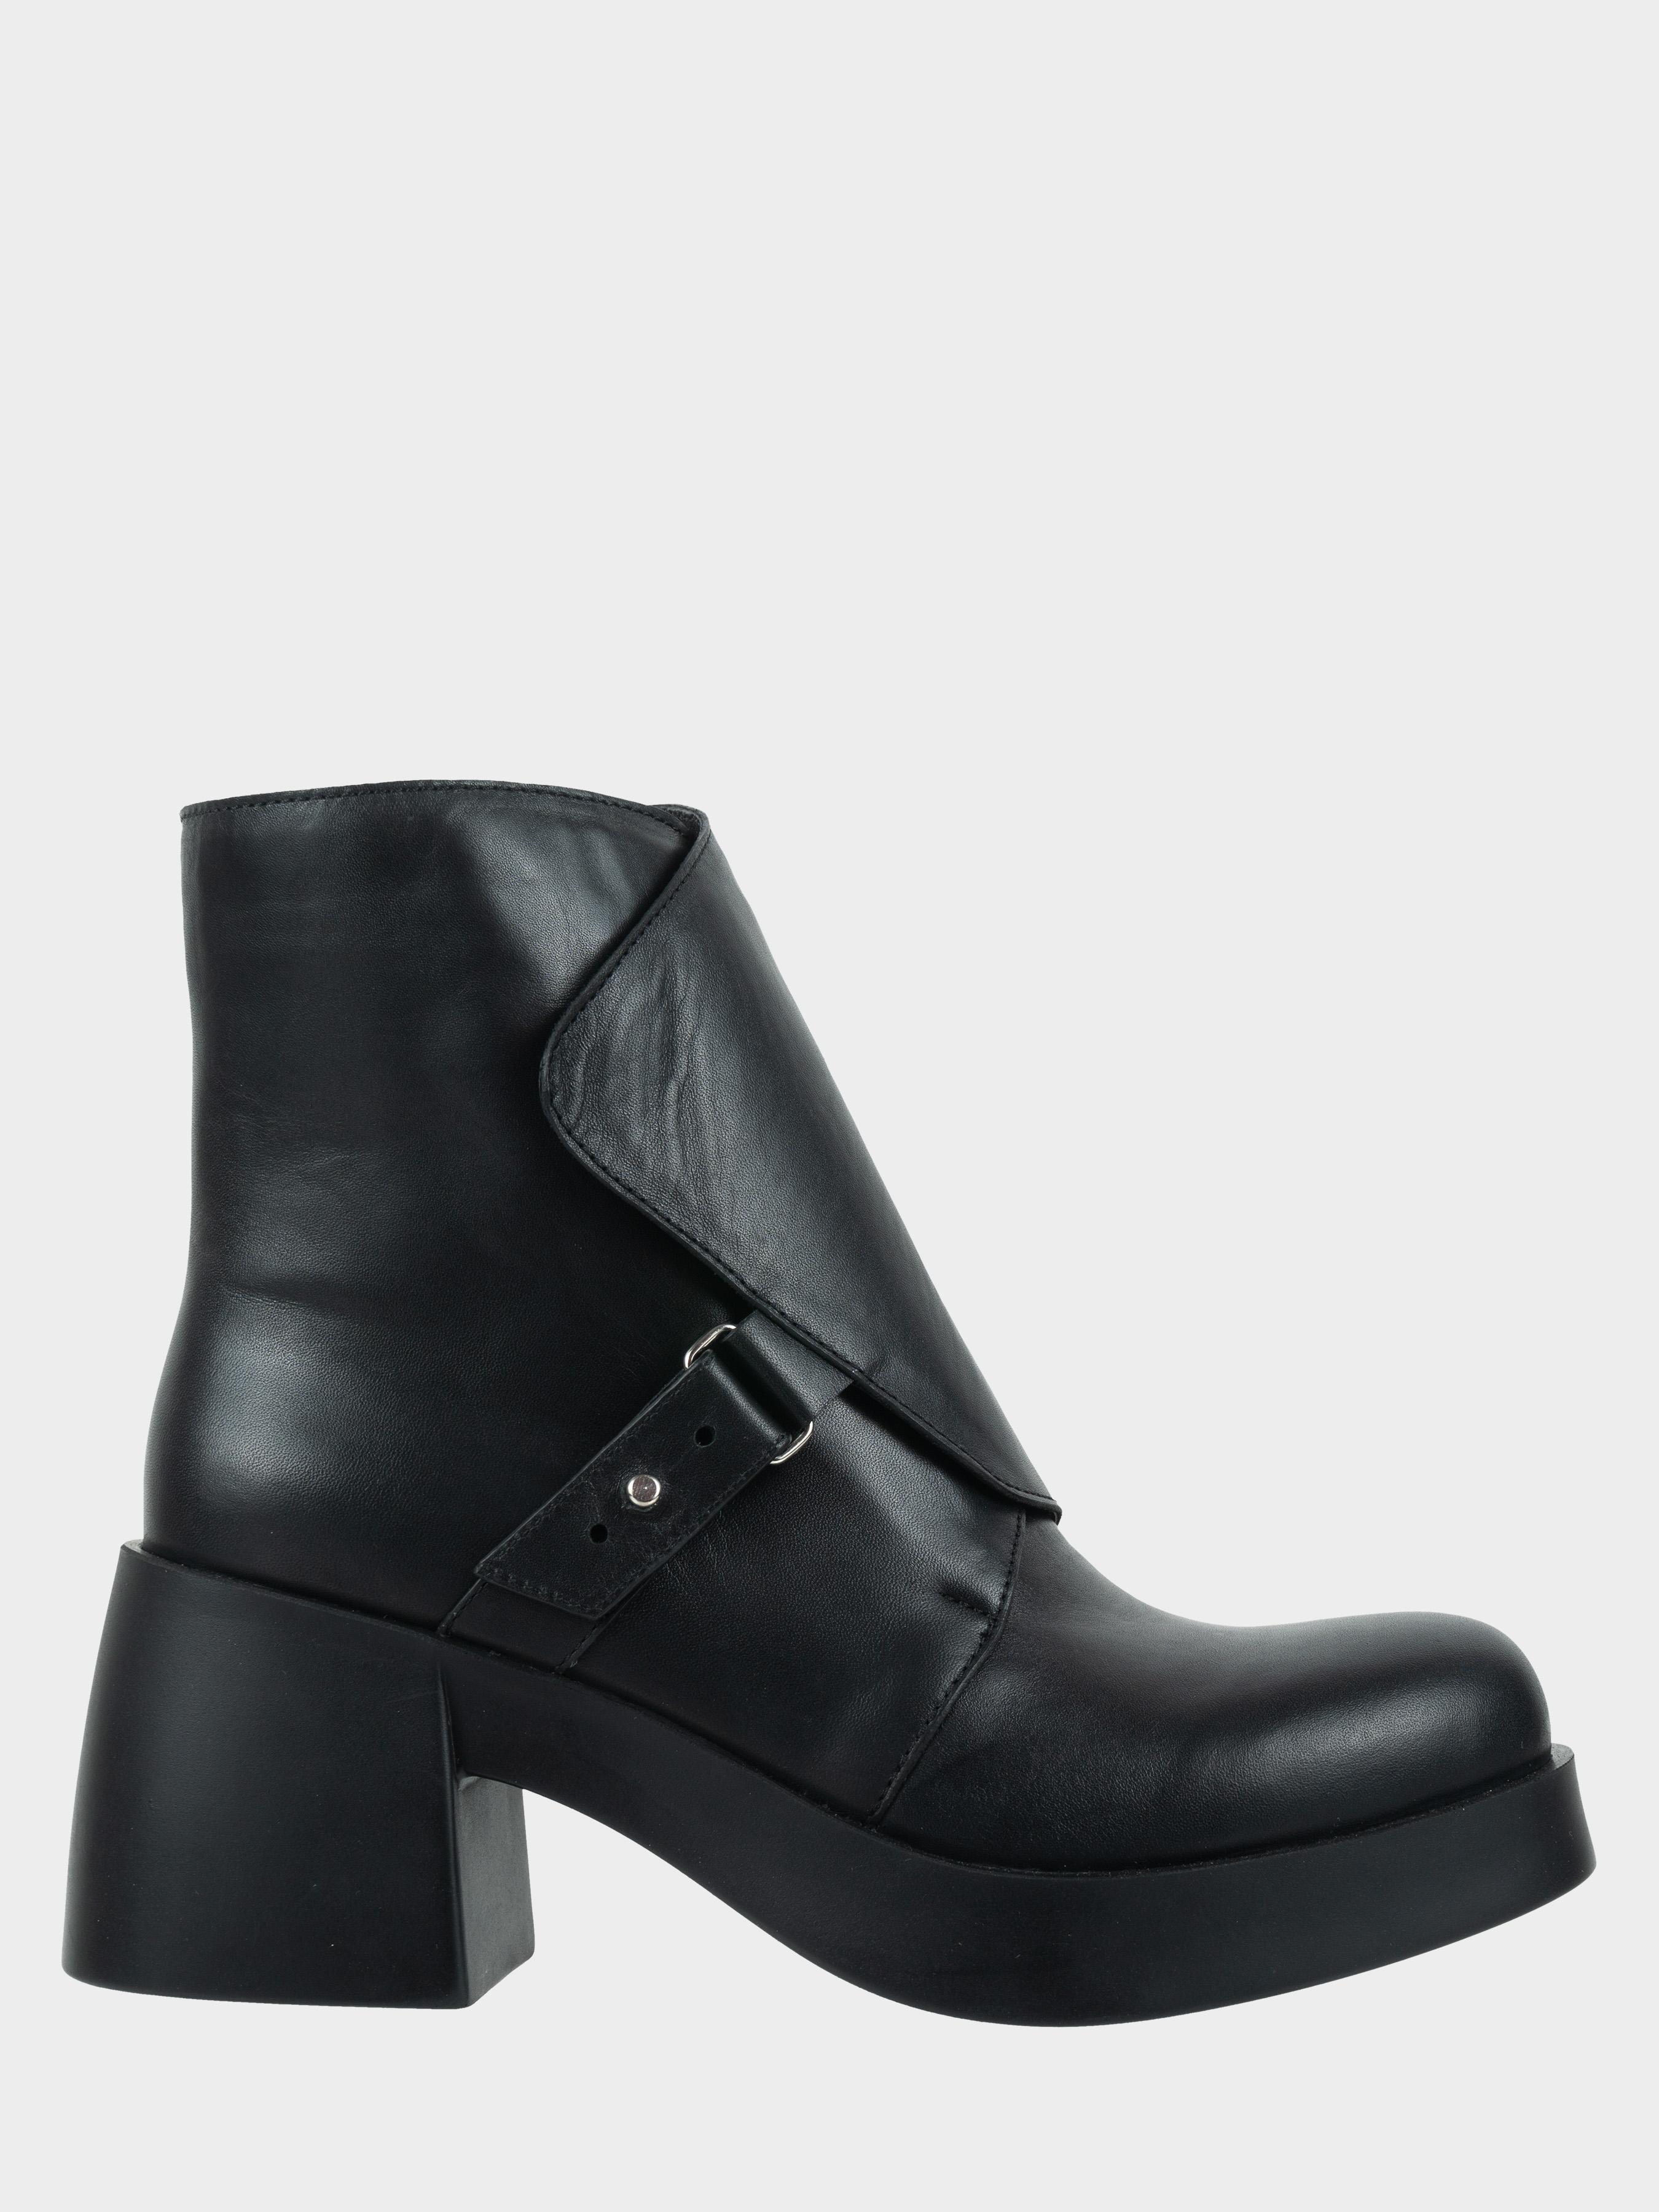 Ботинки для женщин Ботинки Агния кожаные на кожаной подкладке черные 100156 продажа, 2017